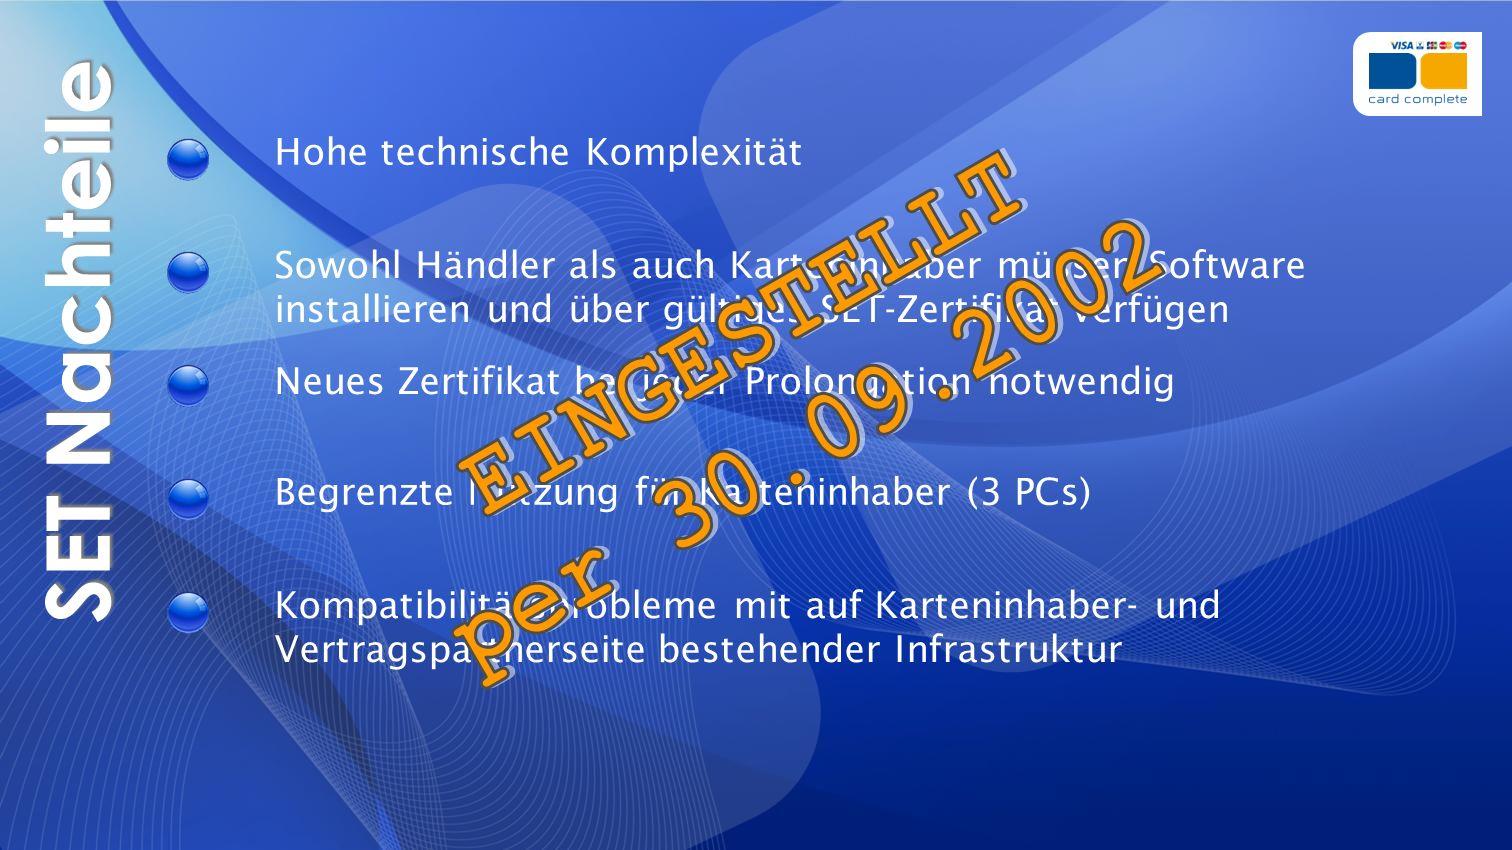 SET Nachteile EINGESTELLT per 30.09.2002 Hohe technische Komplexität